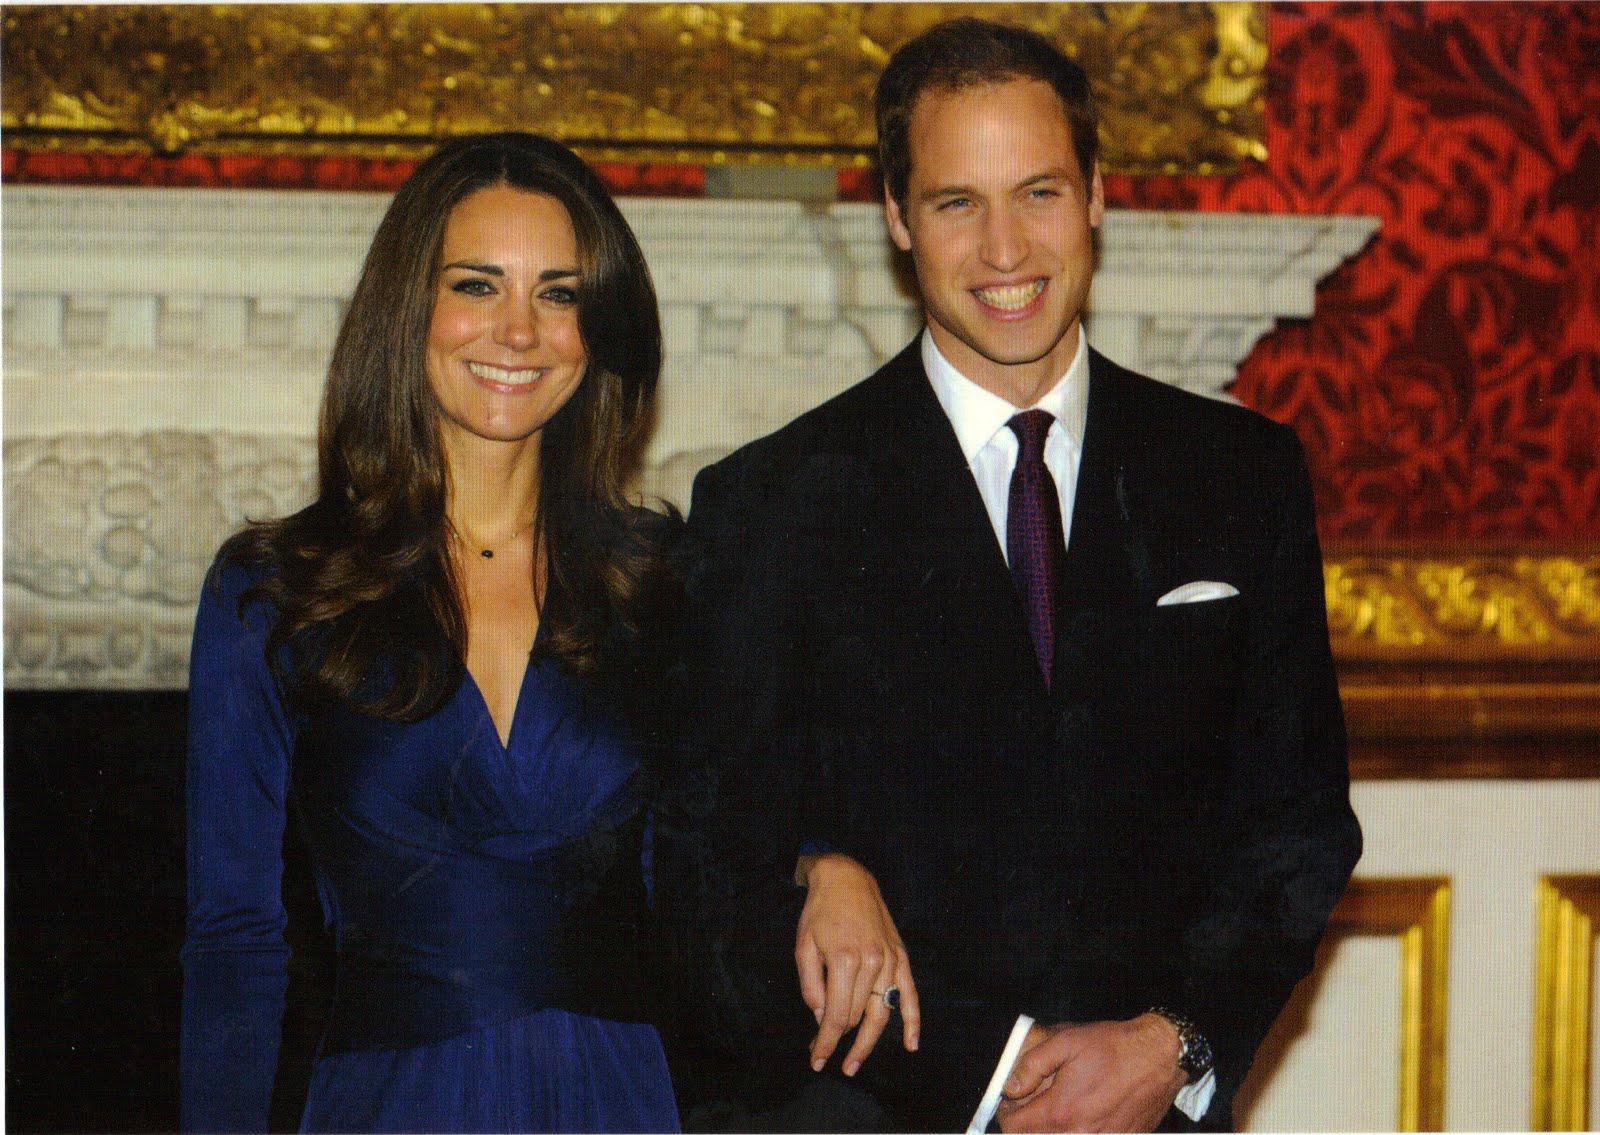 http://4.bp.blogspot.com/-txSMfosiP-A/TcLVHlCHE6I/AAAAAAAAAKc/3QCmToIMd2Y/s1600/Wills+and+Kate+11-10.JPG